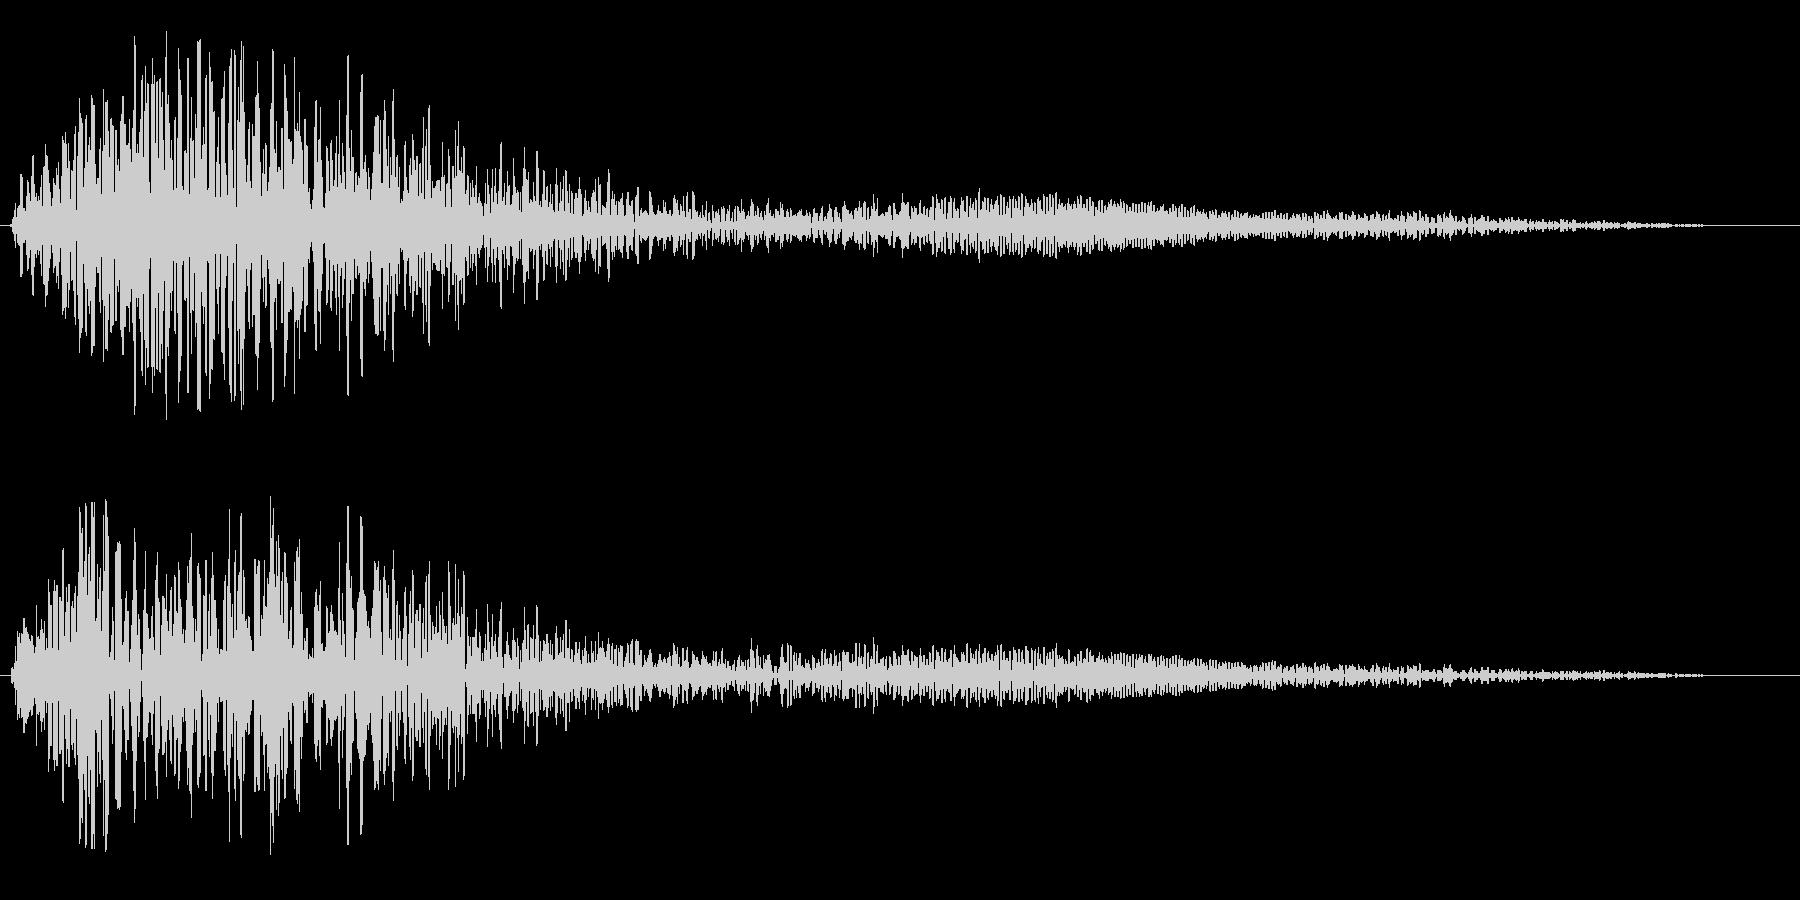 ポワーンと優しく響く音の未再生の波形